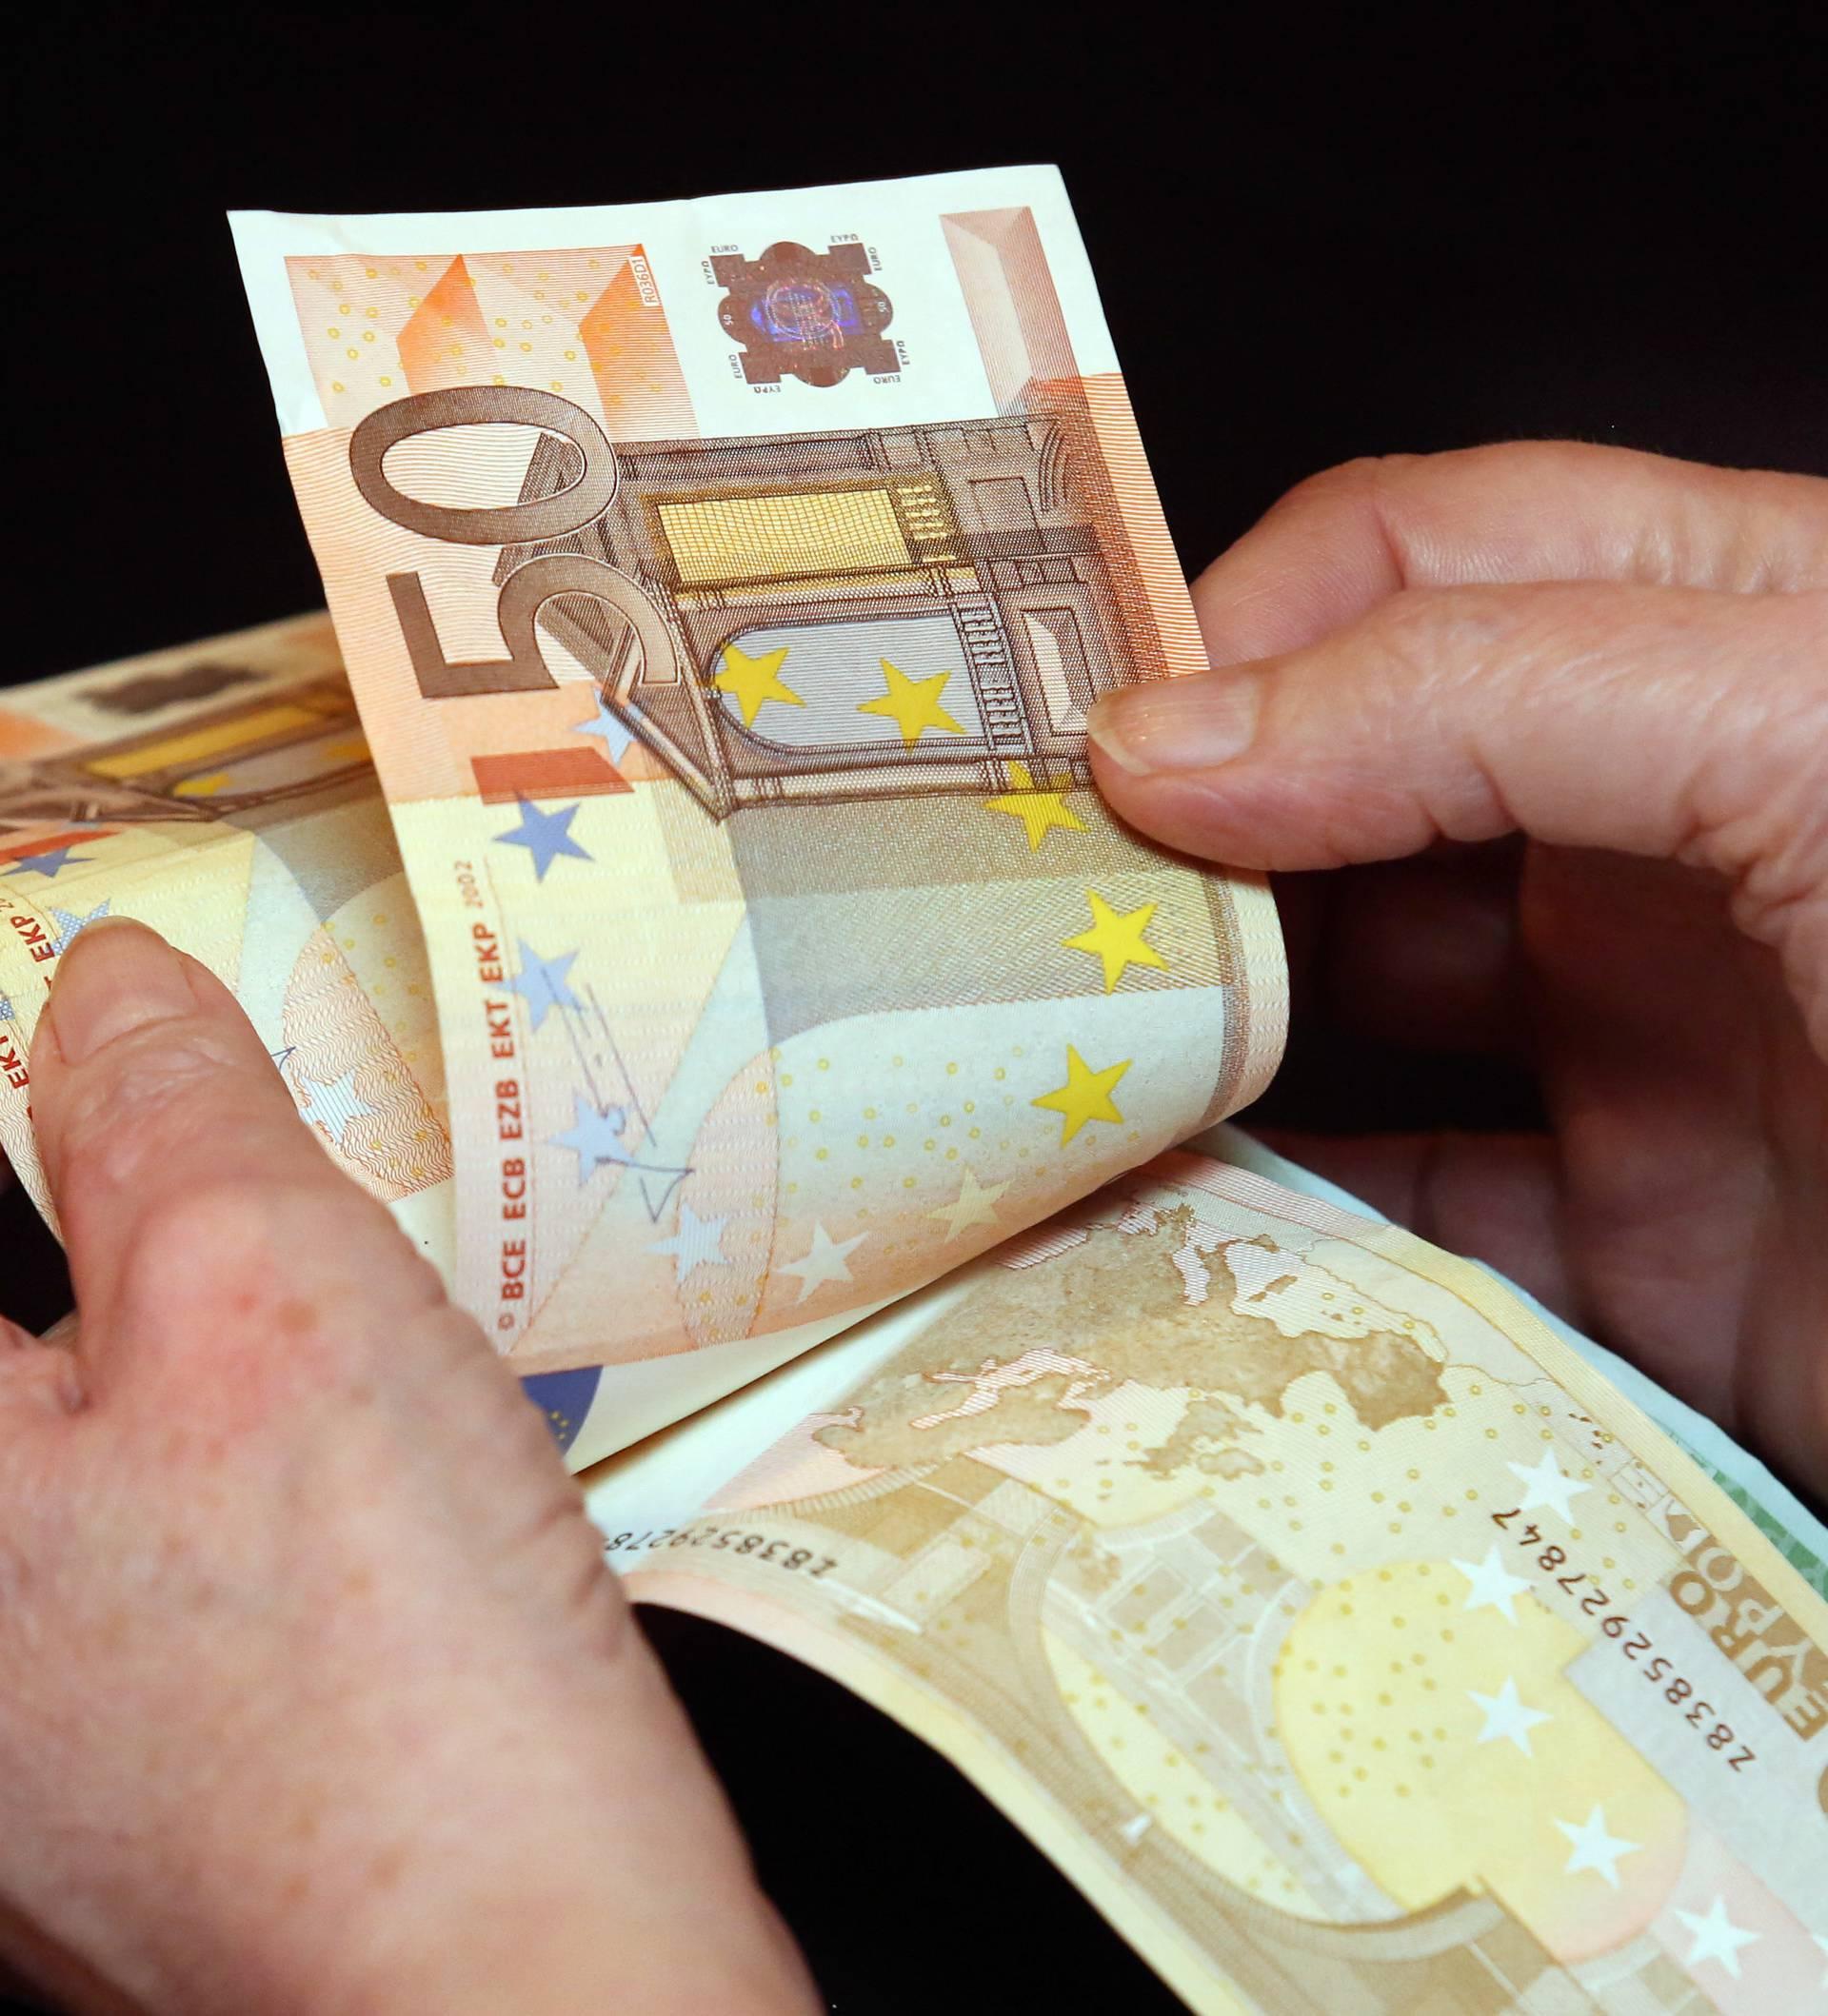 Izraelac (64) u Splitu pokušao unovčiti ček od 4 milijuna eura